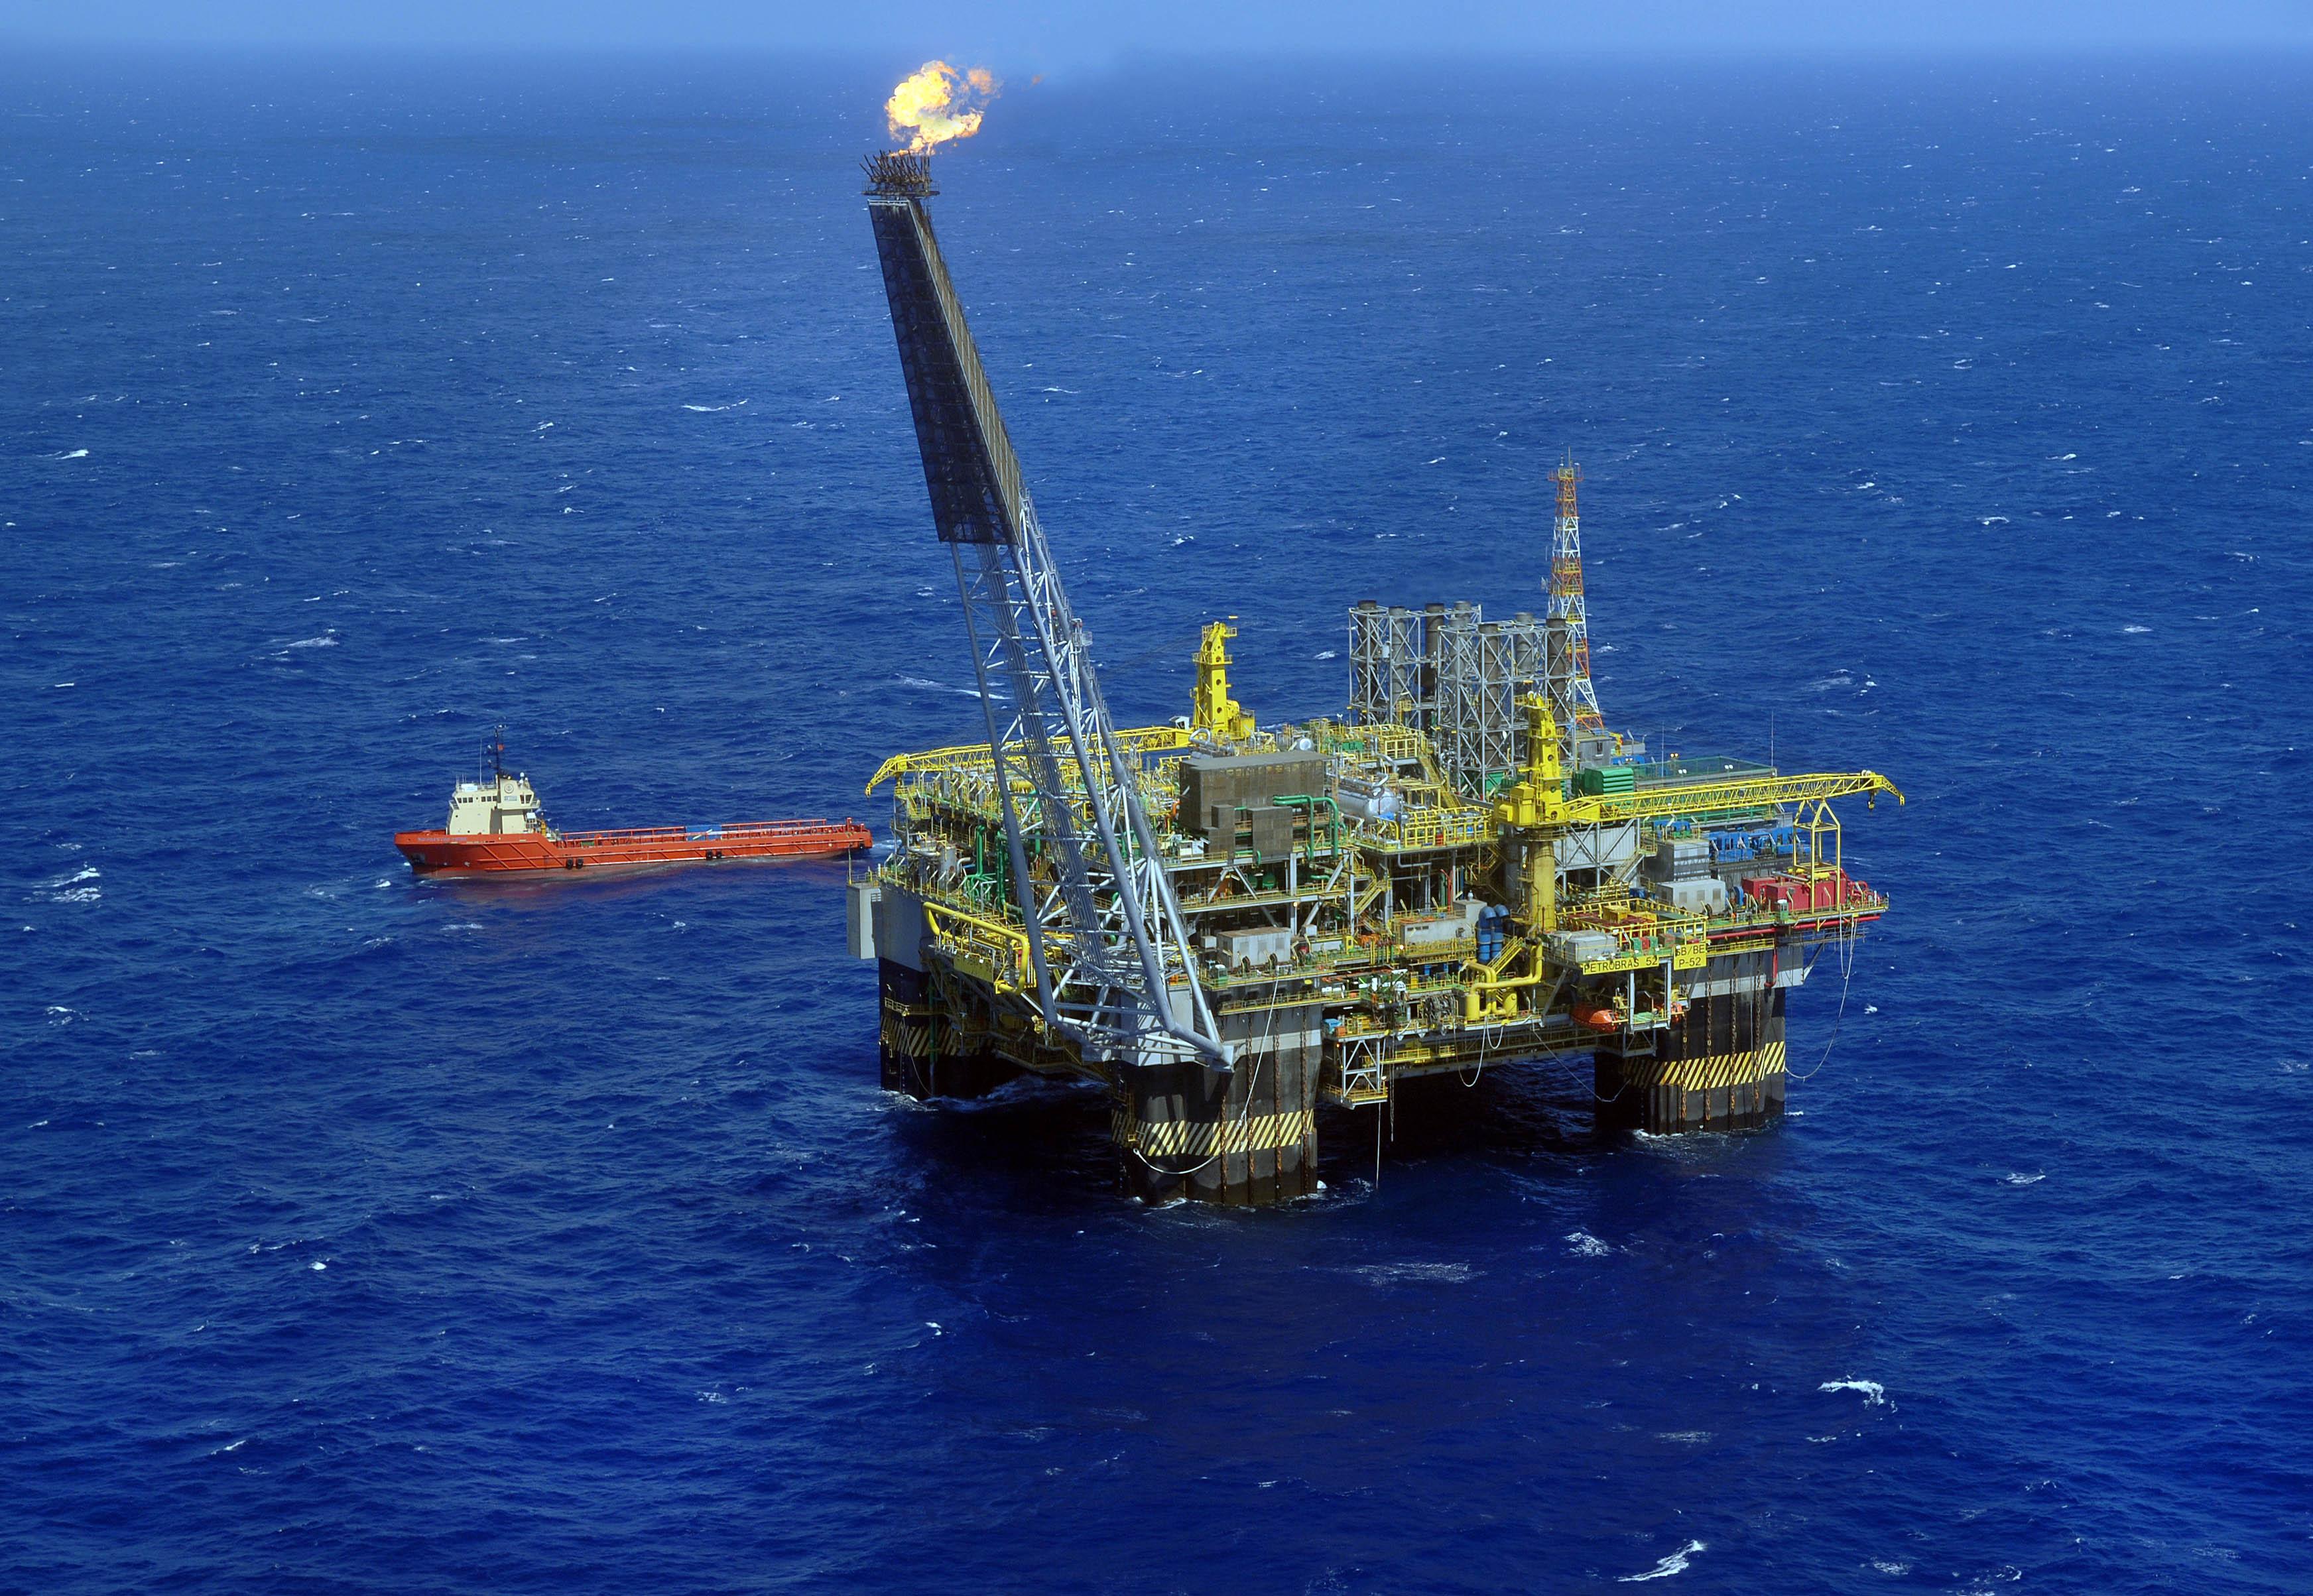 Energia - petrobras - plataforma Petrobras petróleo pré-sal exploração combustíveis